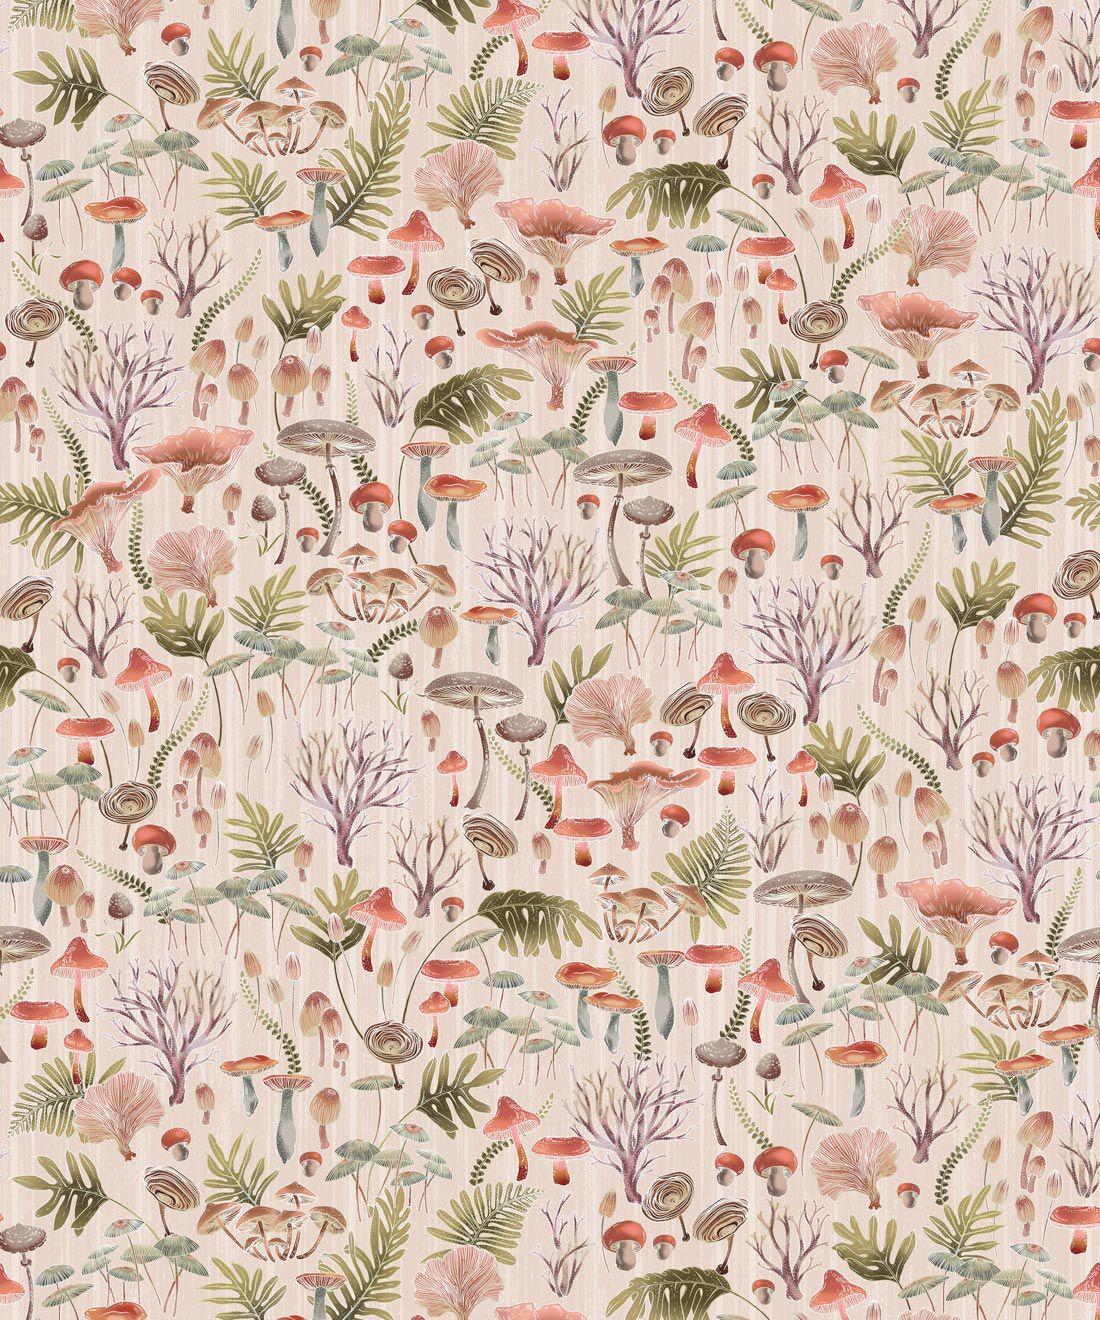 Fungi Wallpaper